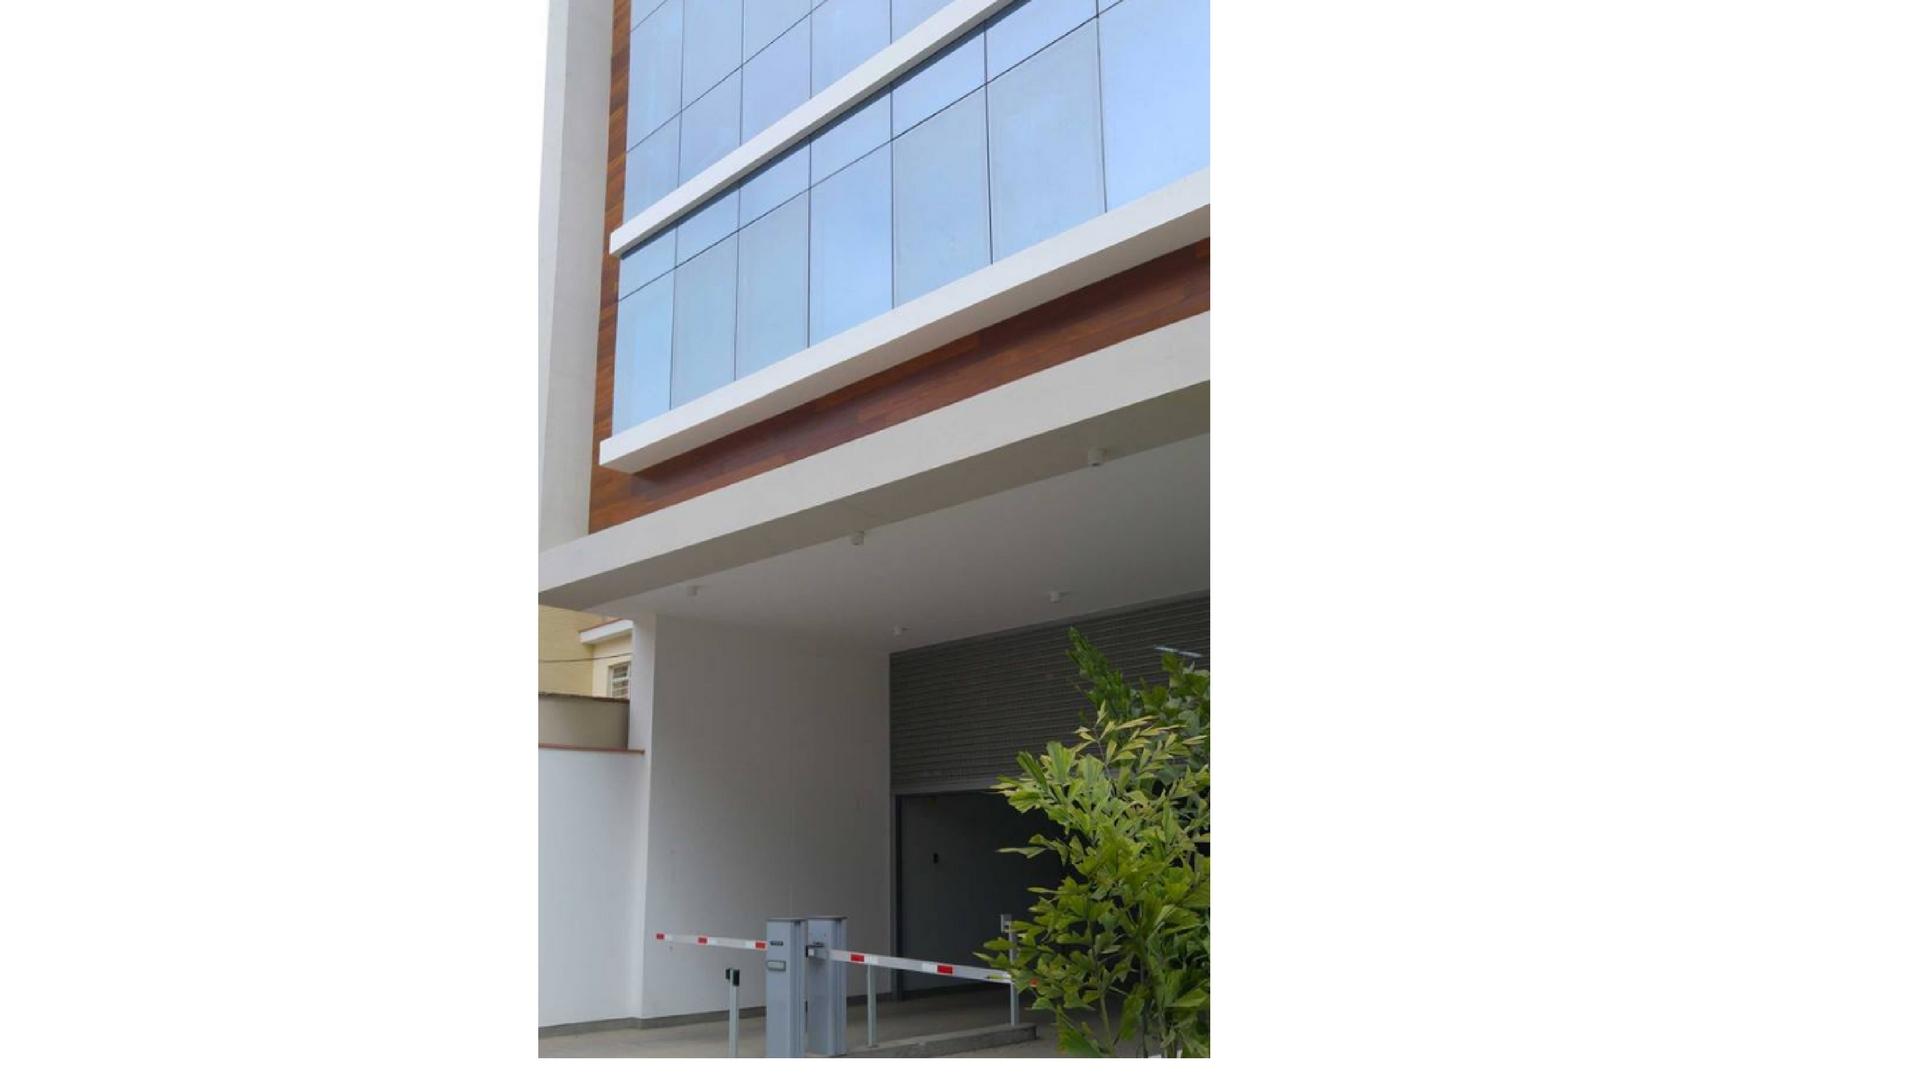 Oficina en alquiler en magdalena del mar lima goplaceit for Alquiler de oficinas